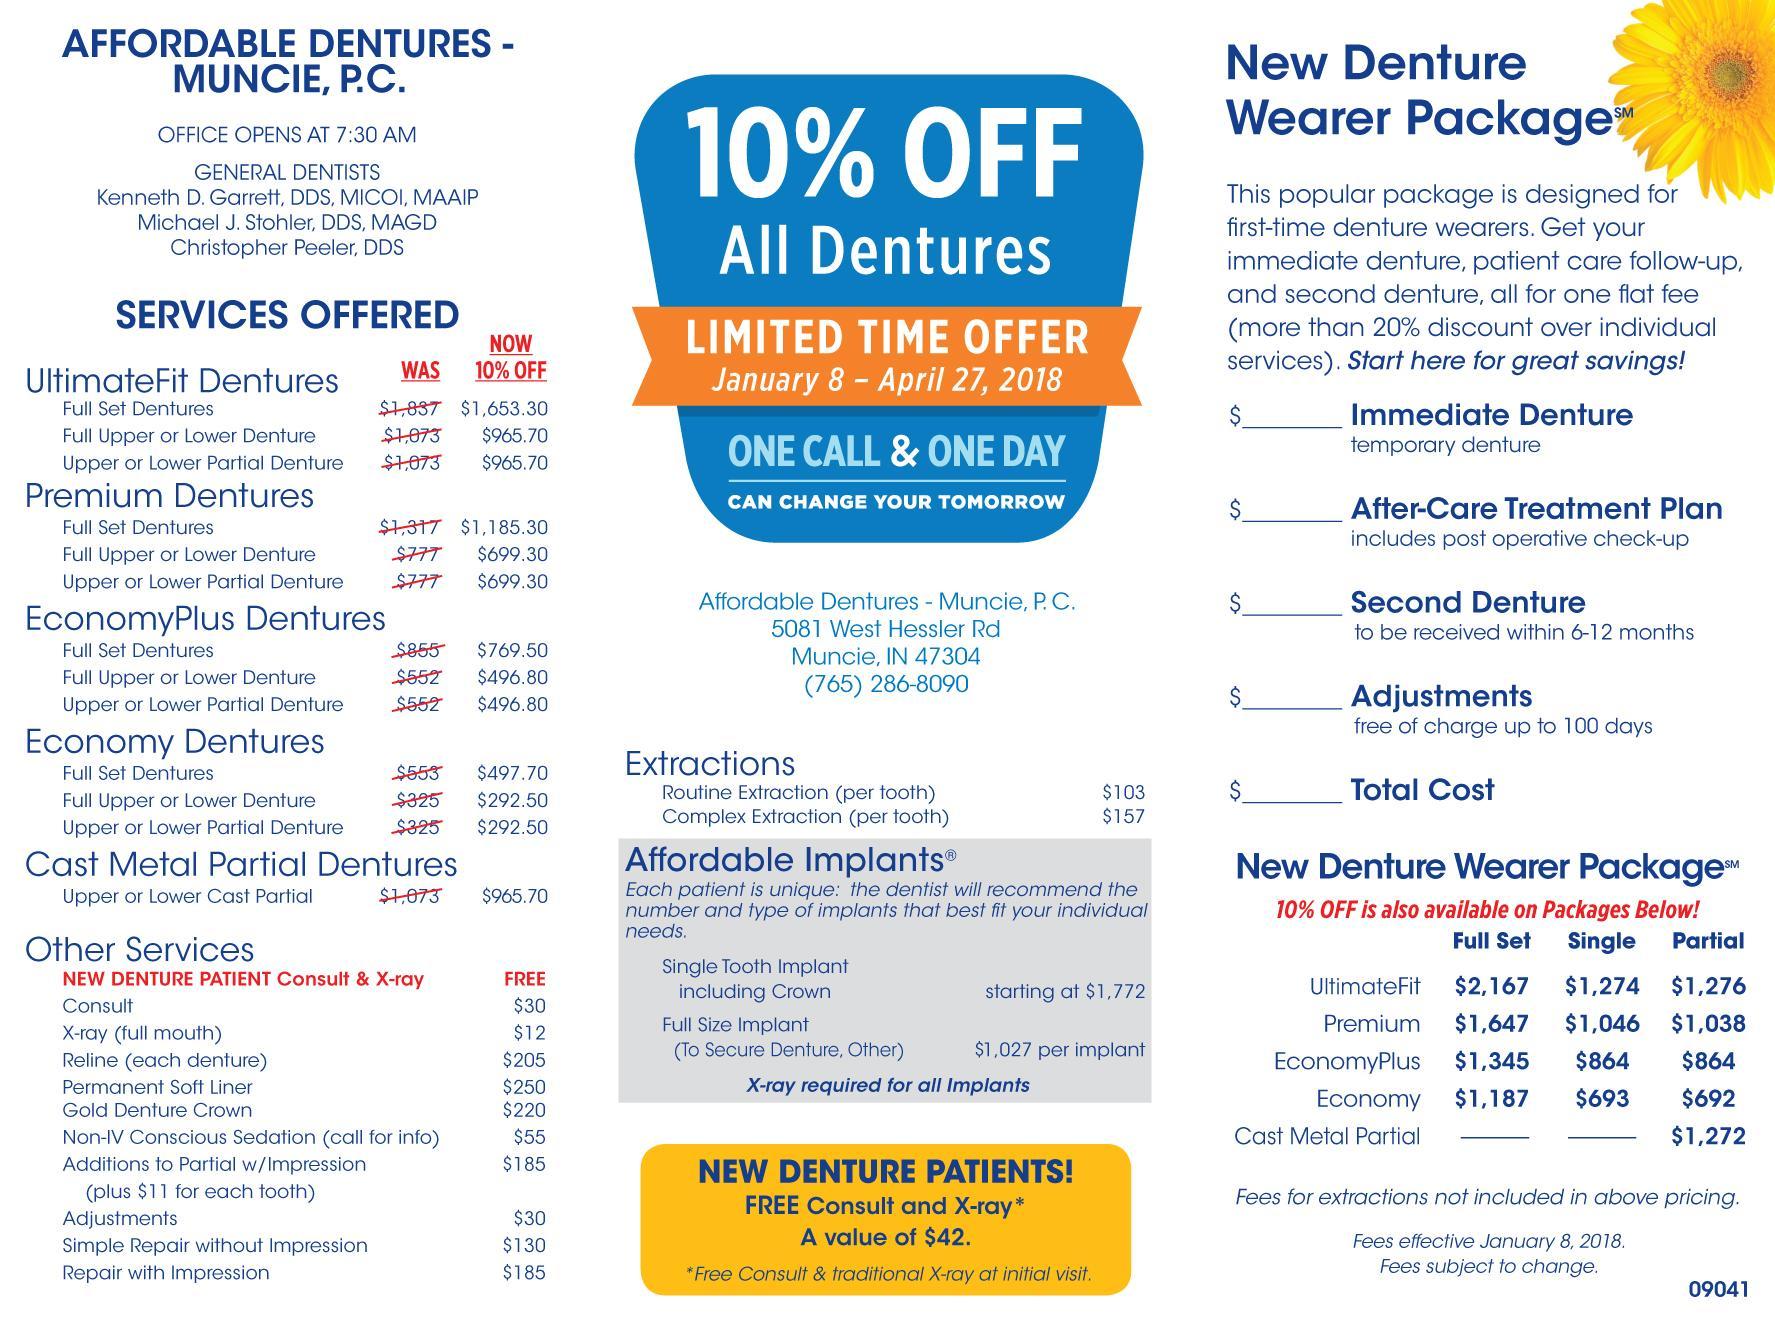 muncie in denture care center dentist 47304 affordable dentures implants. Black Bedroom Furniture Sets. Home Design Ideas